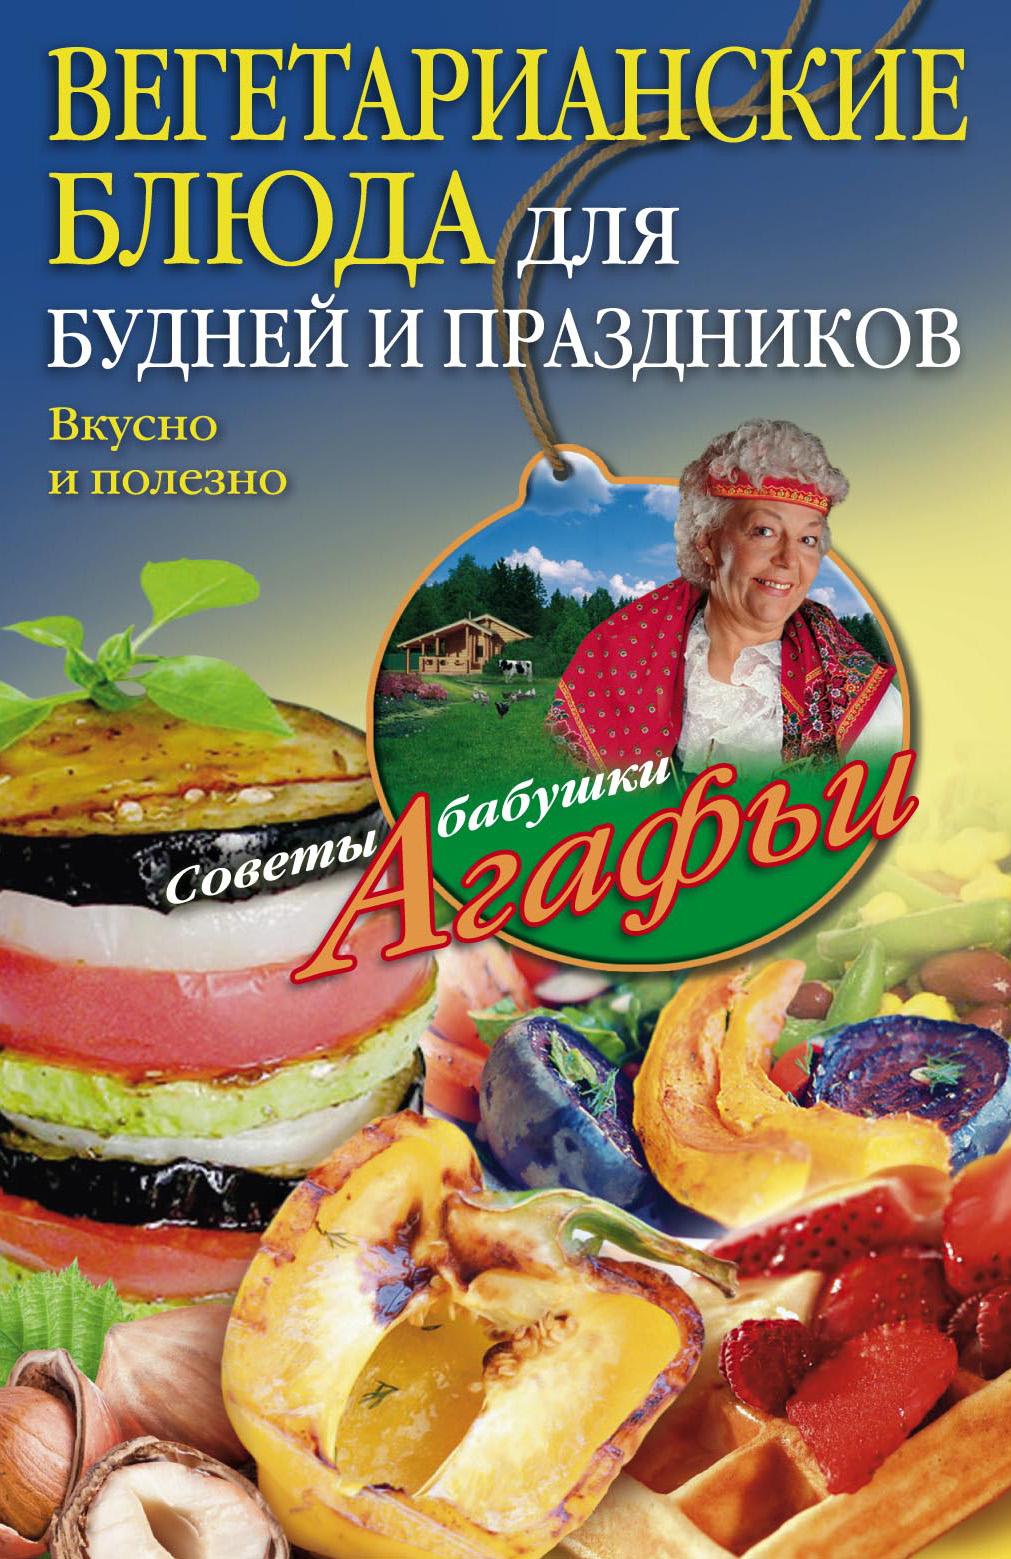 Агафья Звонарева Вегетарианские блюда для будней и праздников. Вкусно и полезно